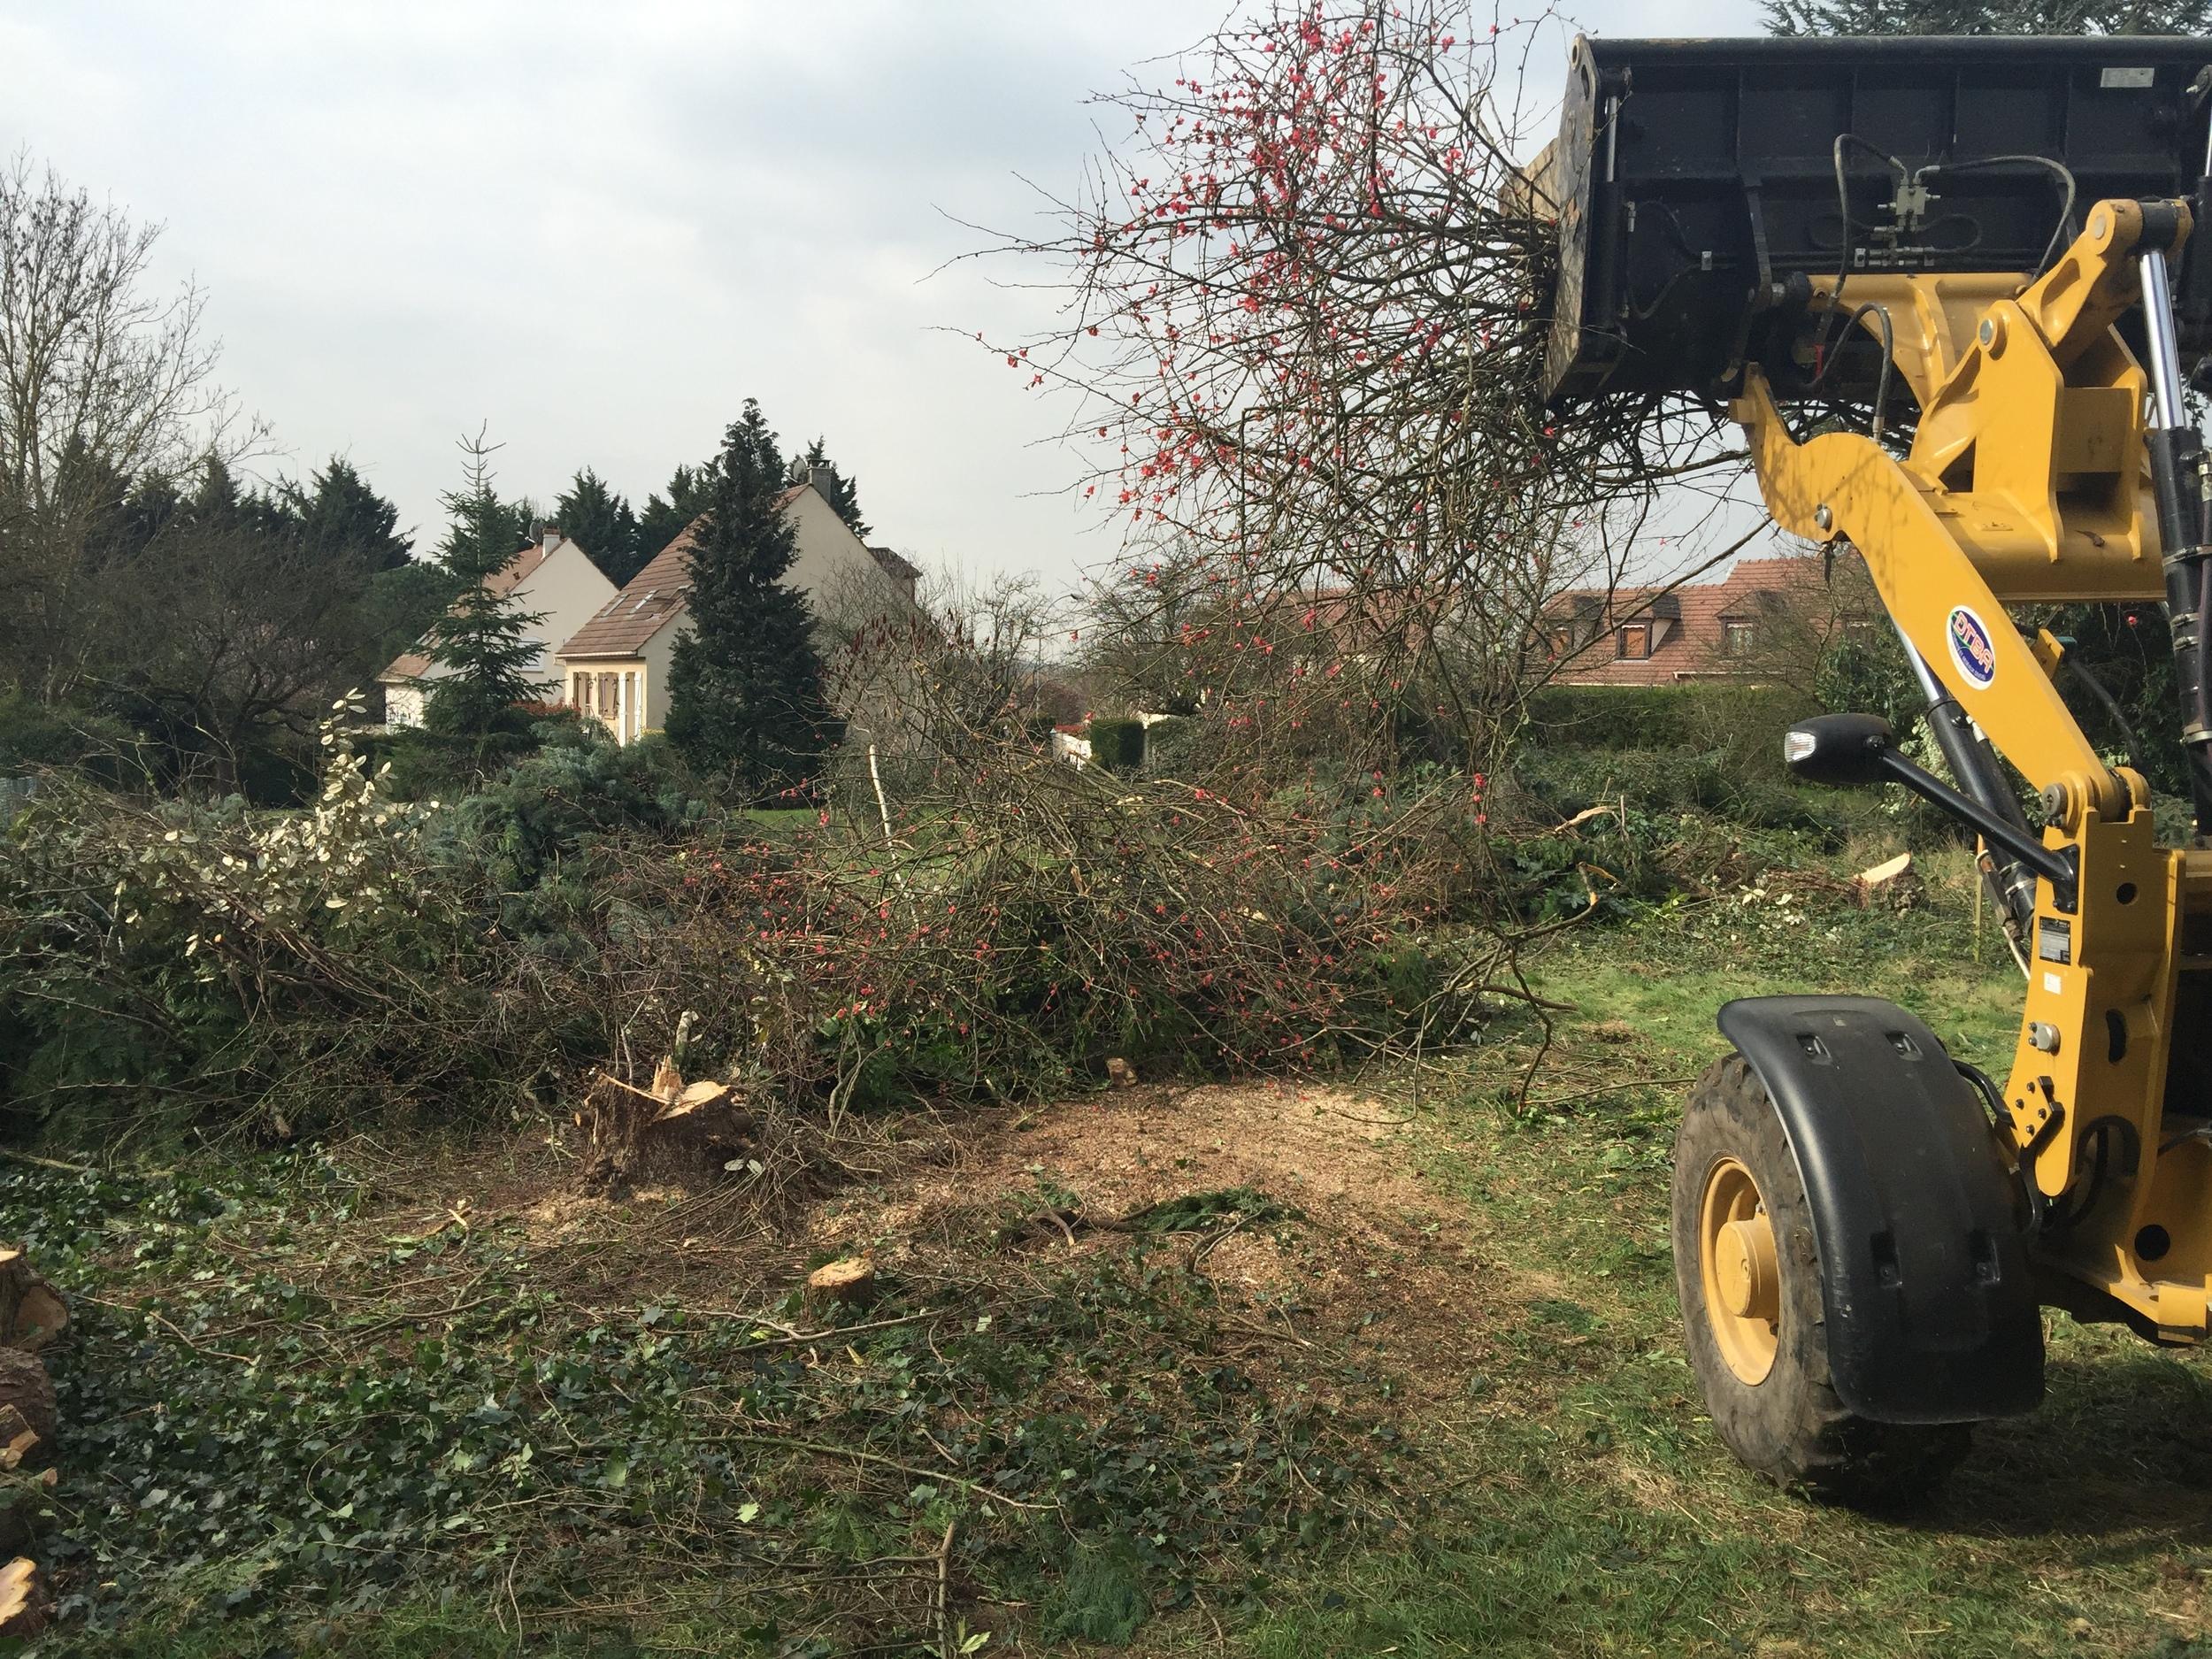 Defrichage du terrain avant démolition